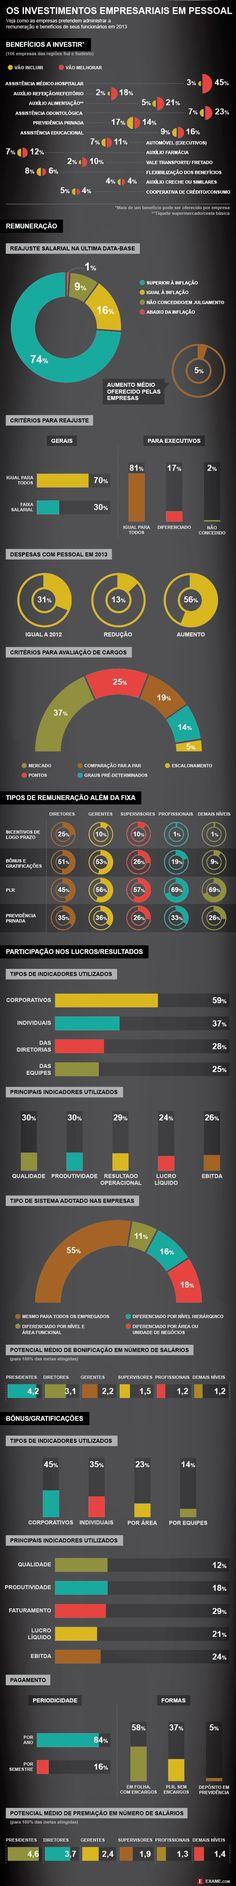 Como empresas investirão em remuneração e benefícios em 2013 - EXAME.com